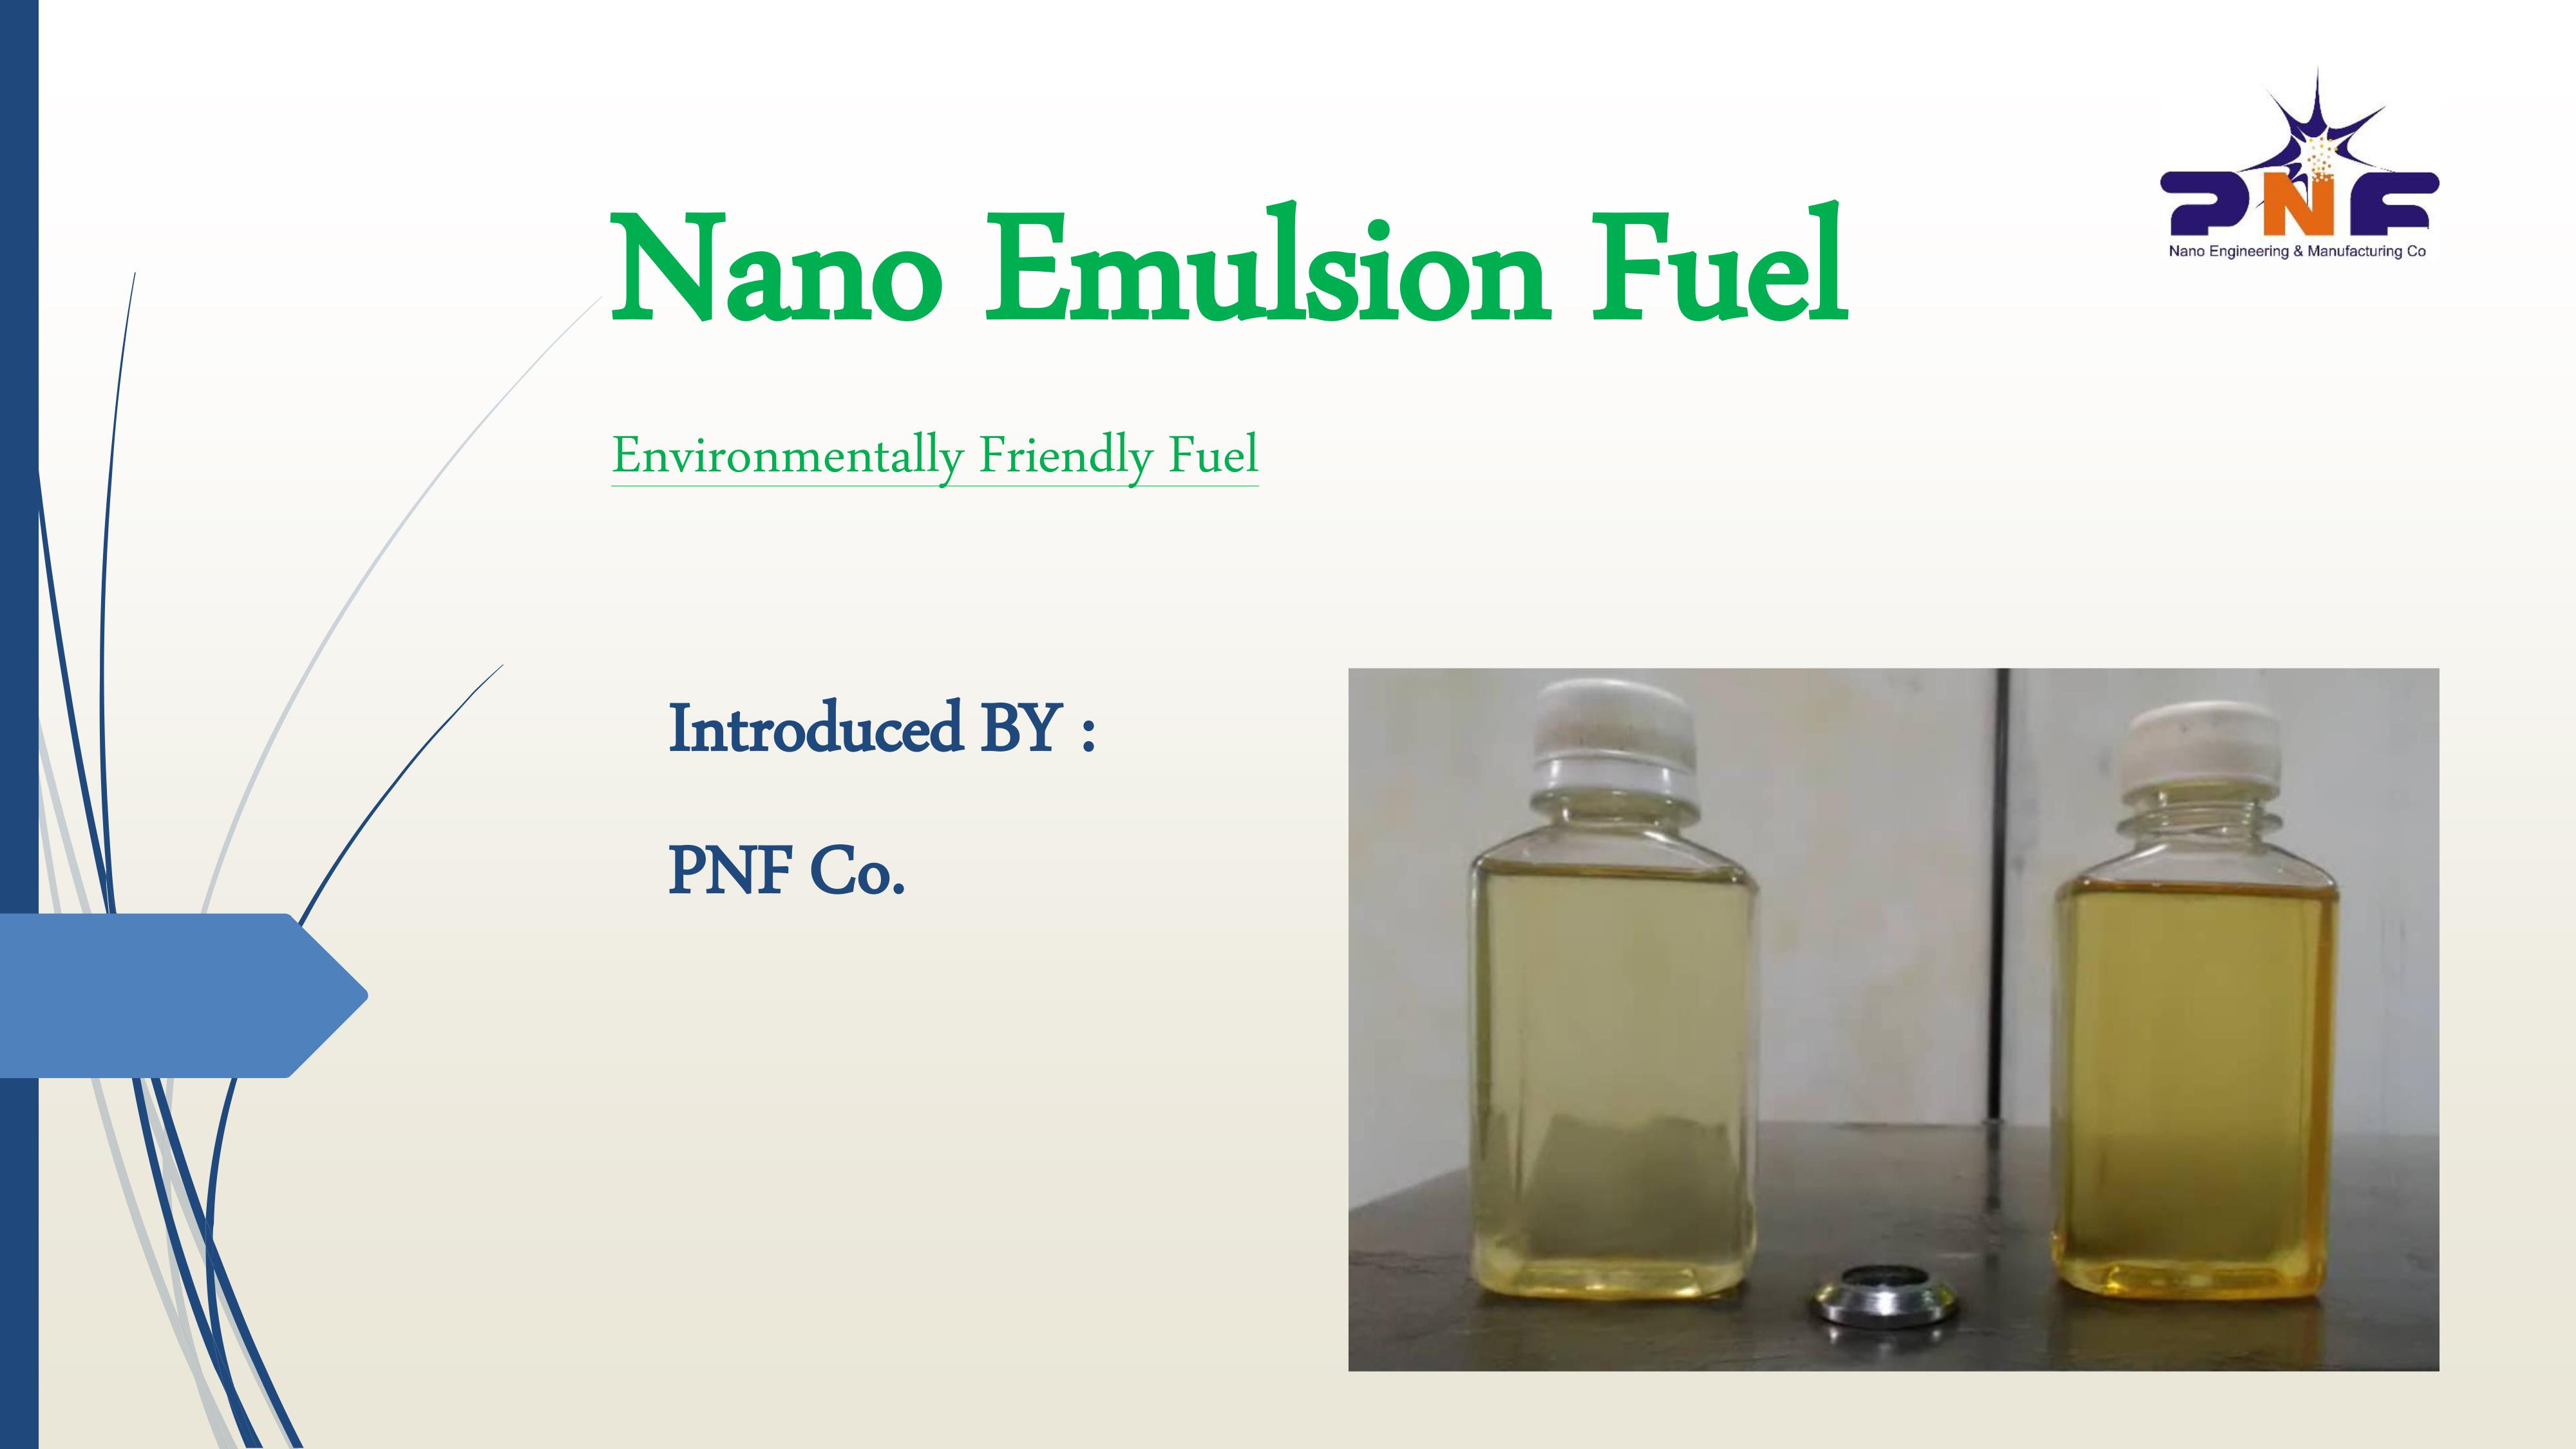 Nano emulsion fuel